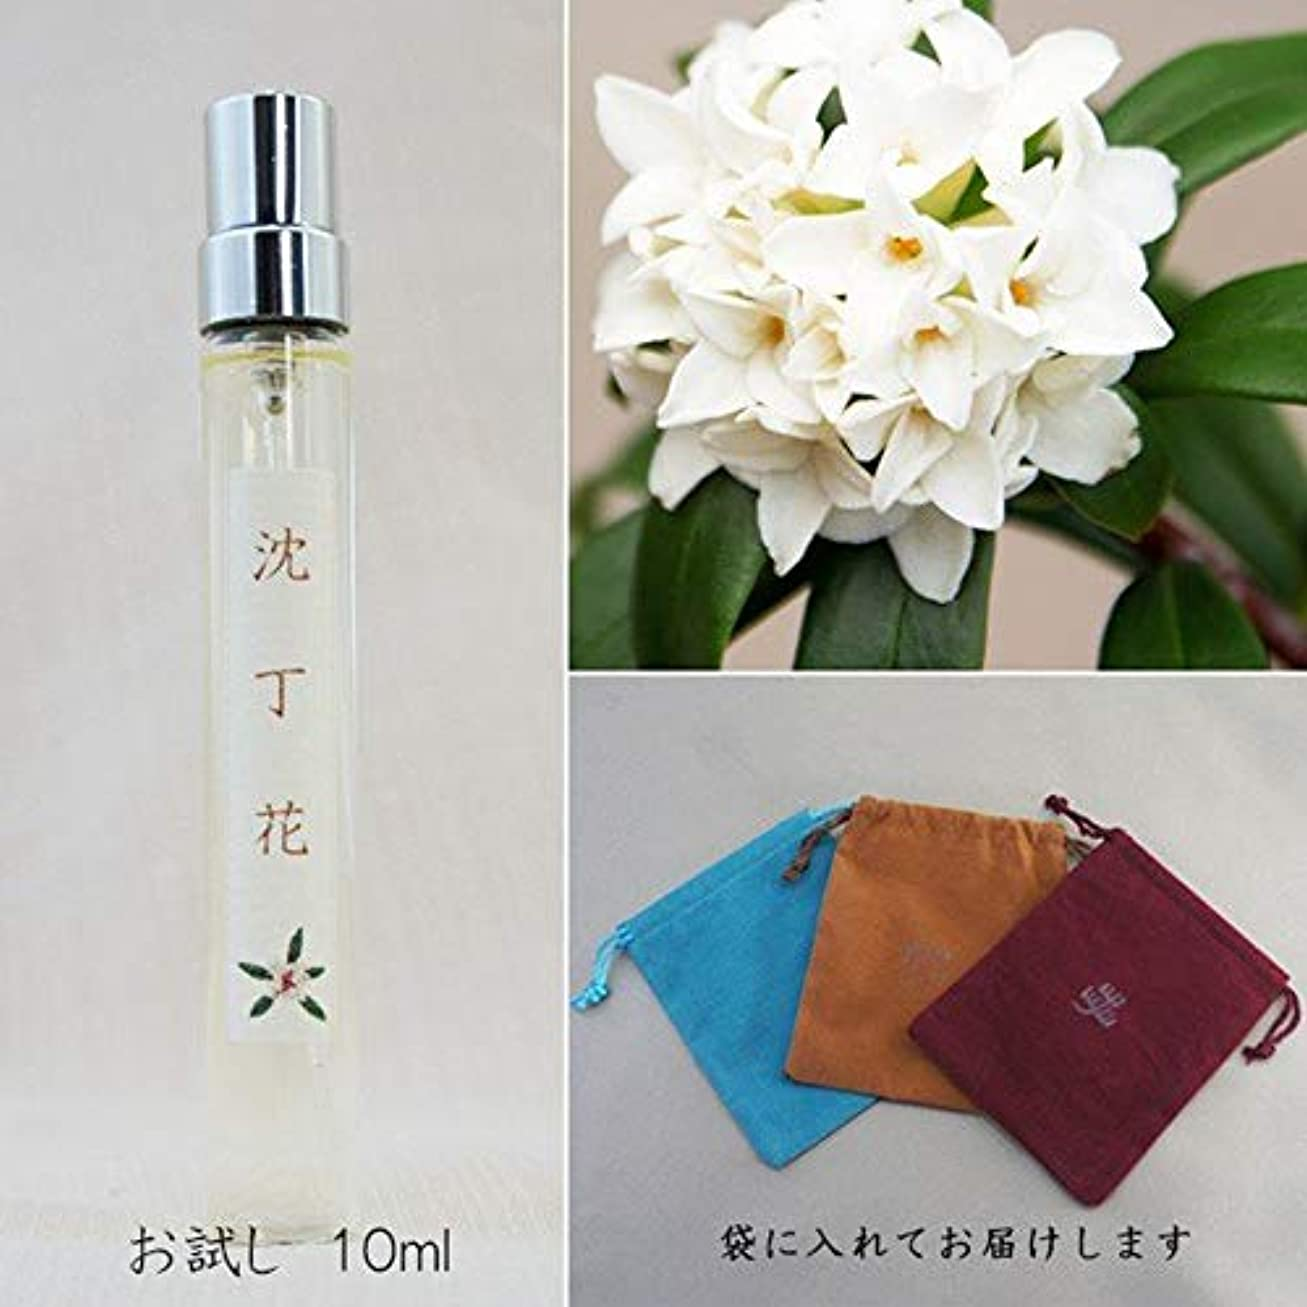 称賛クラスモード和香水「三大香木シリーズ」10ml (沈丁花)